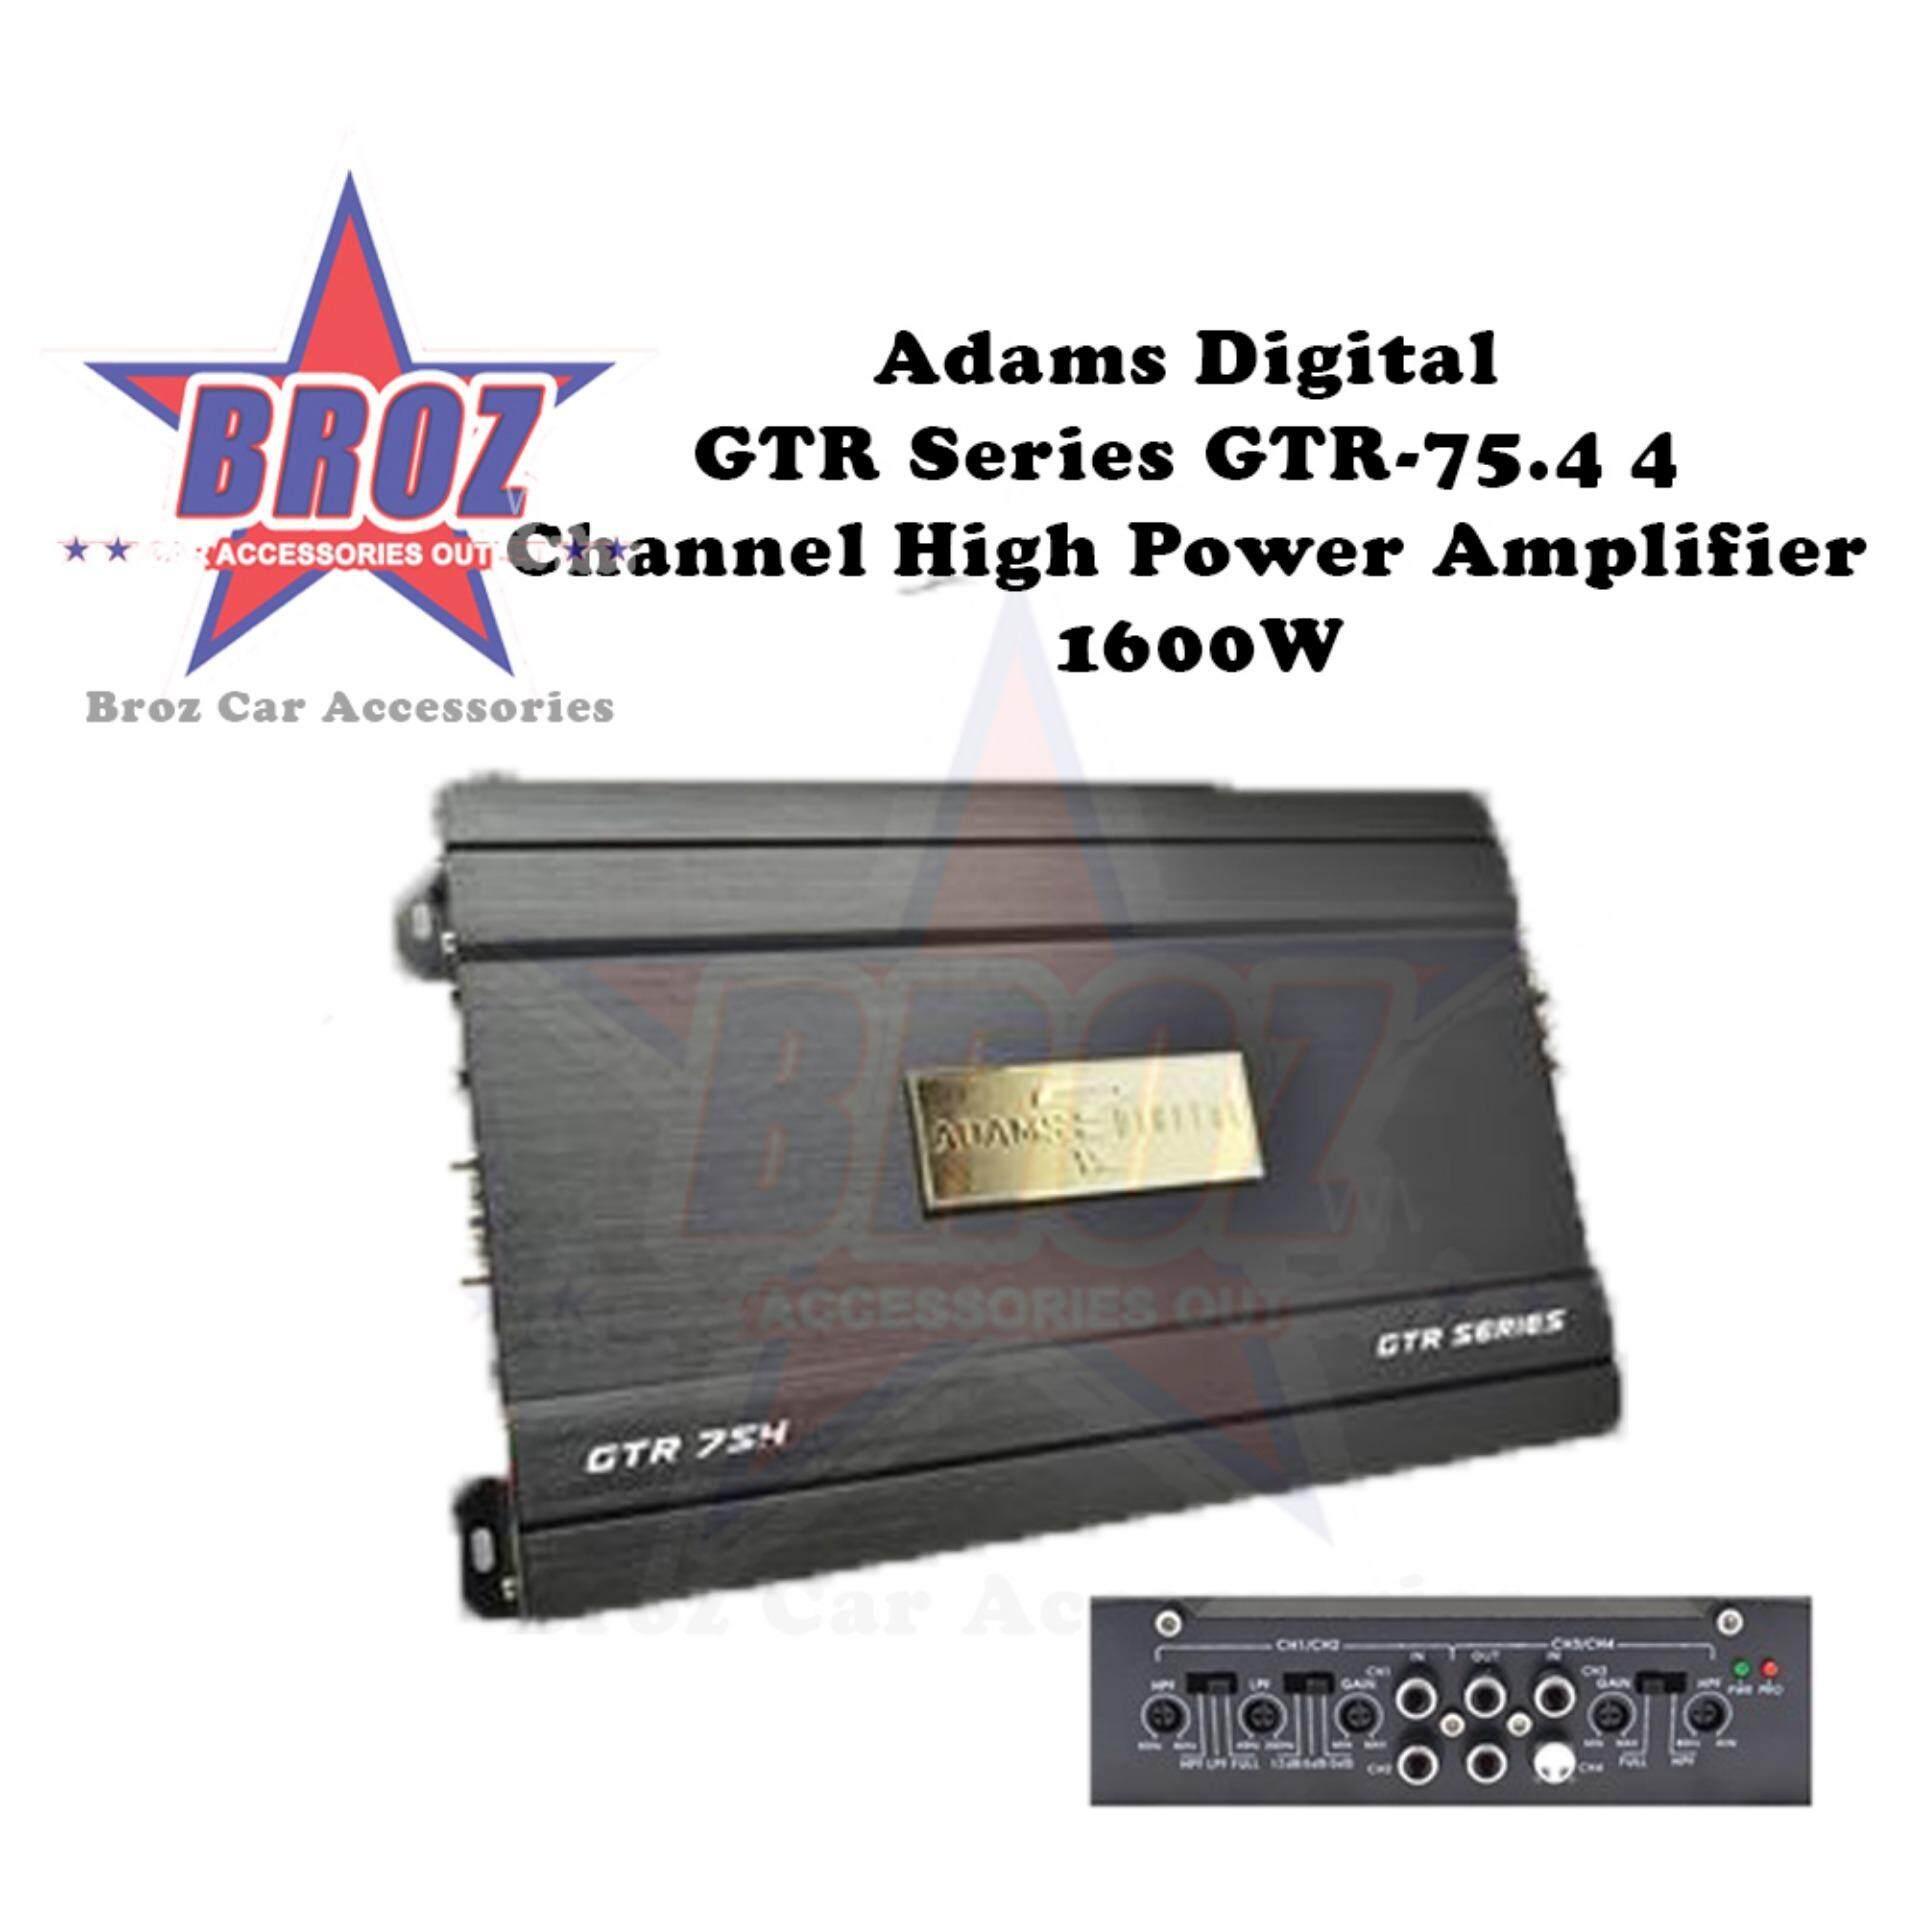 Adams Digital GTR Series GTR-75.4 4 Channel High Power Amplifier 1600W